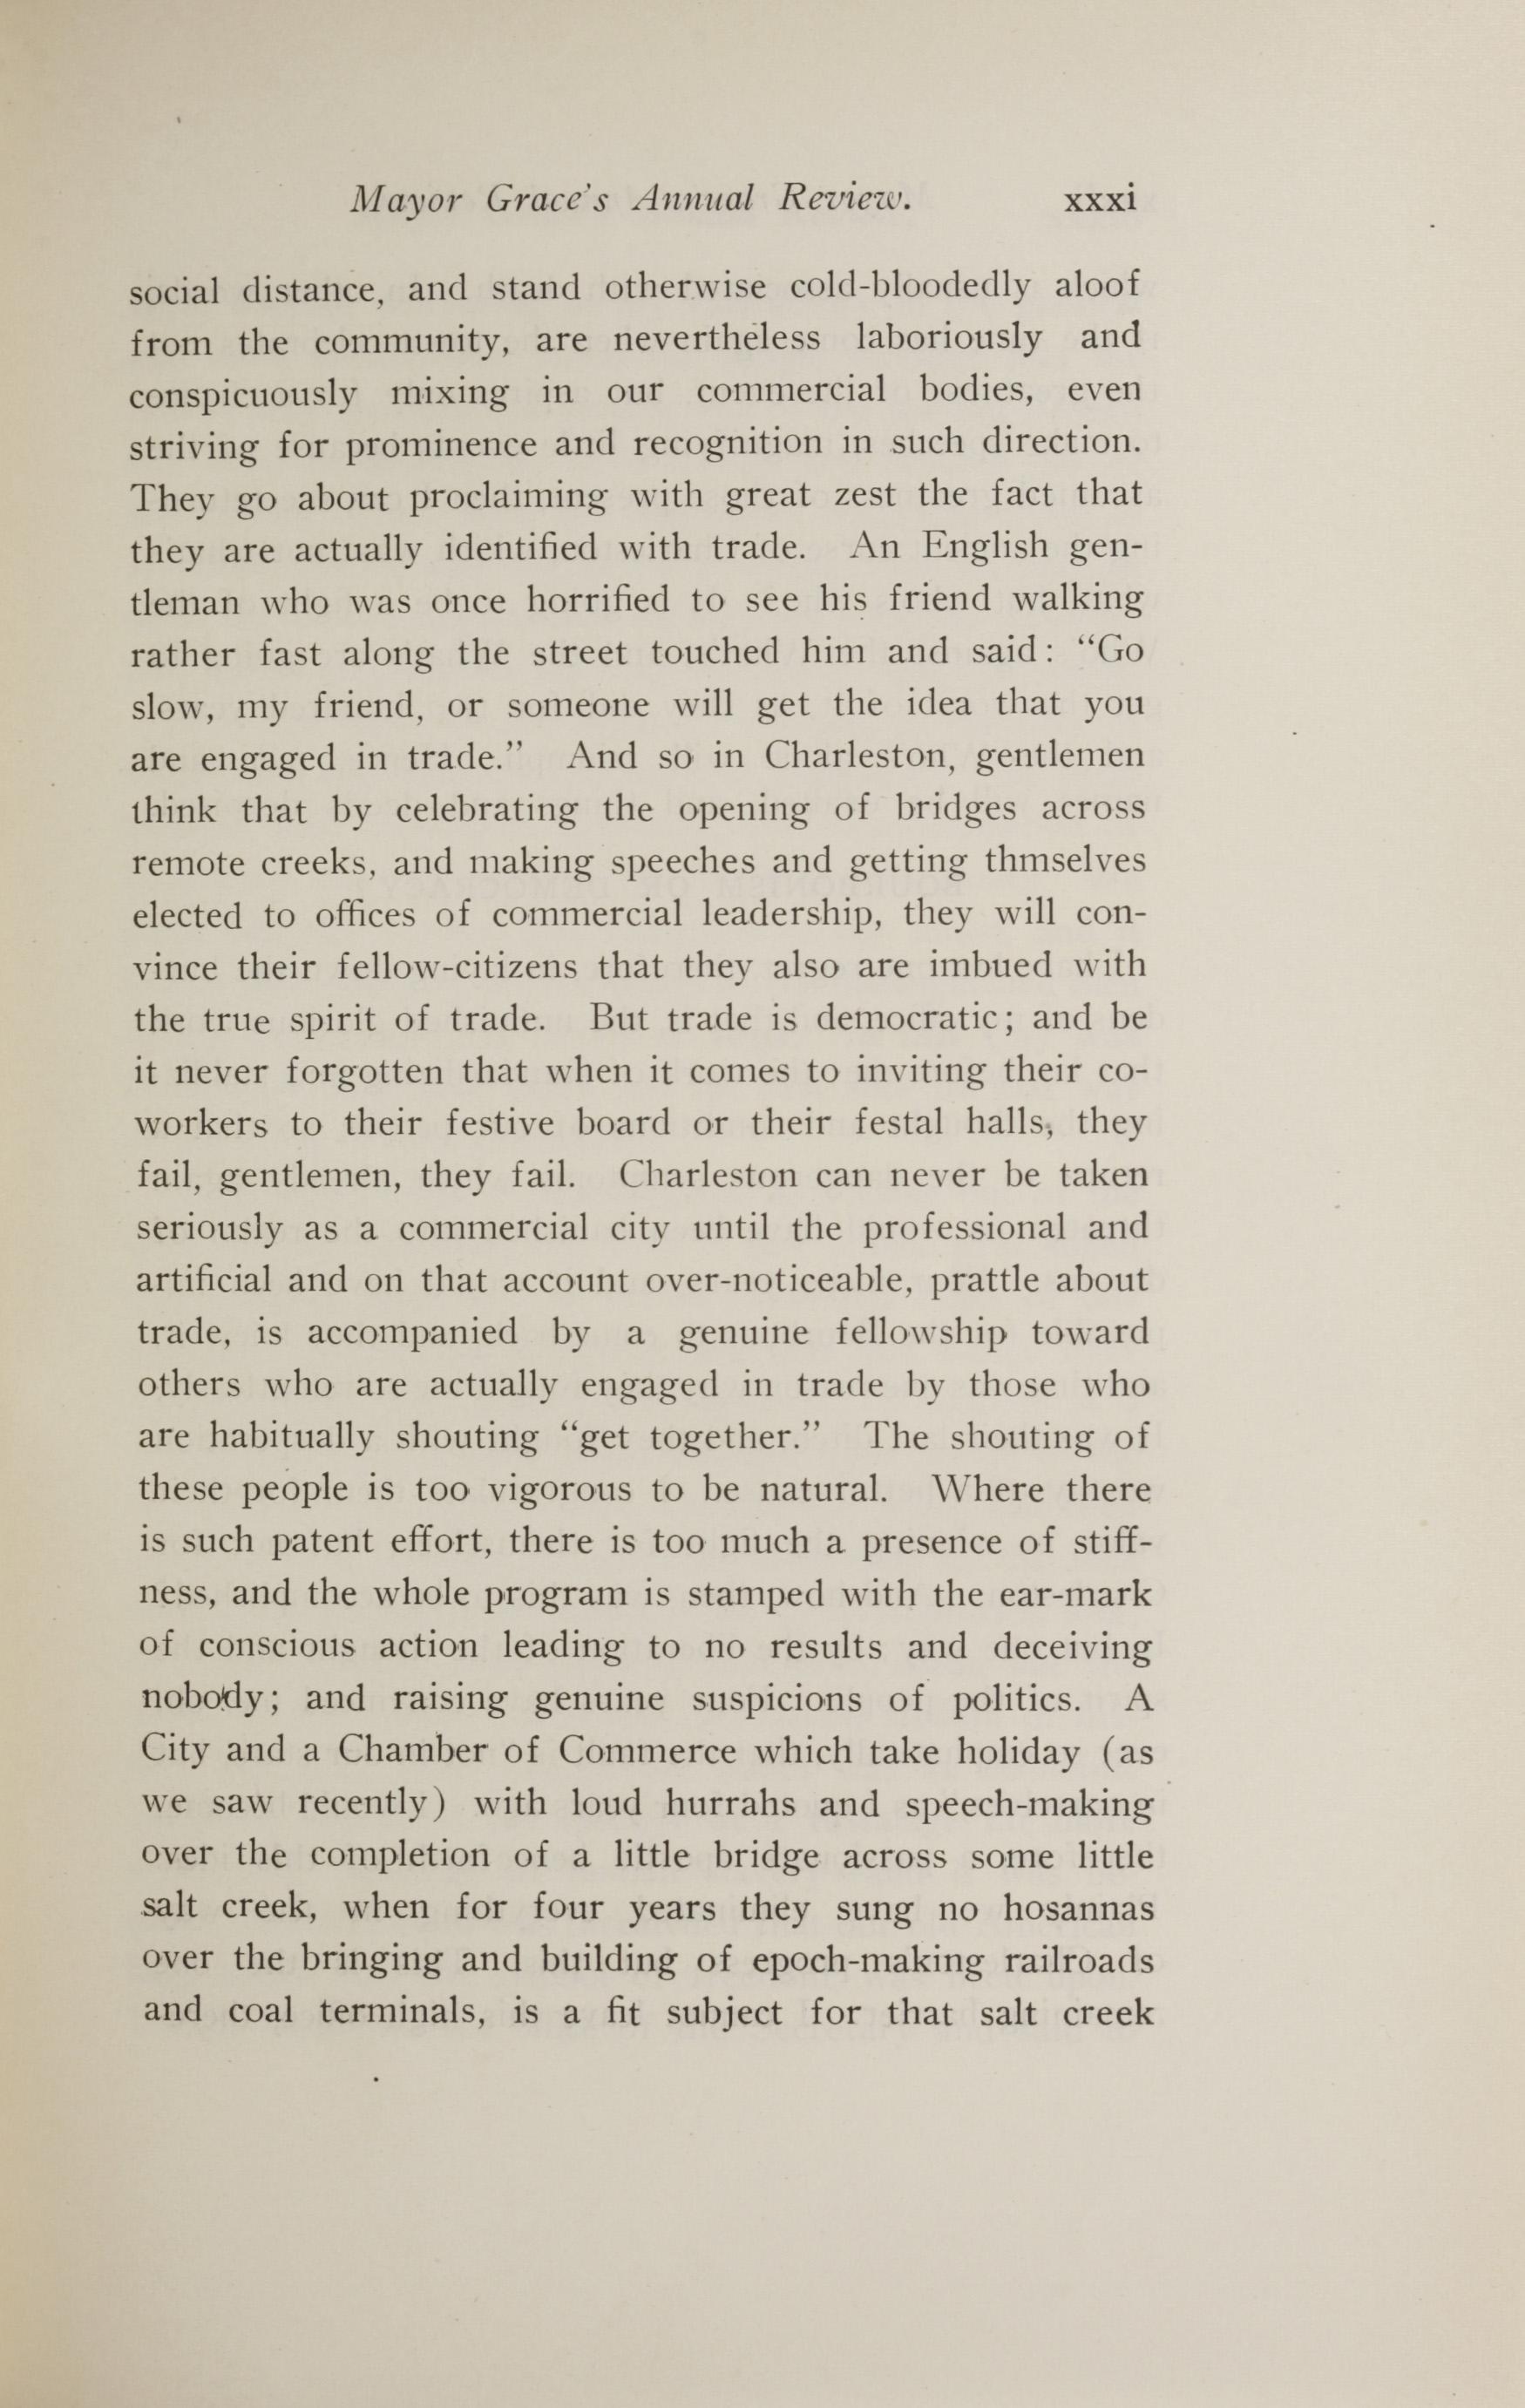 Charleston Yearbook, 1914, page xxxi